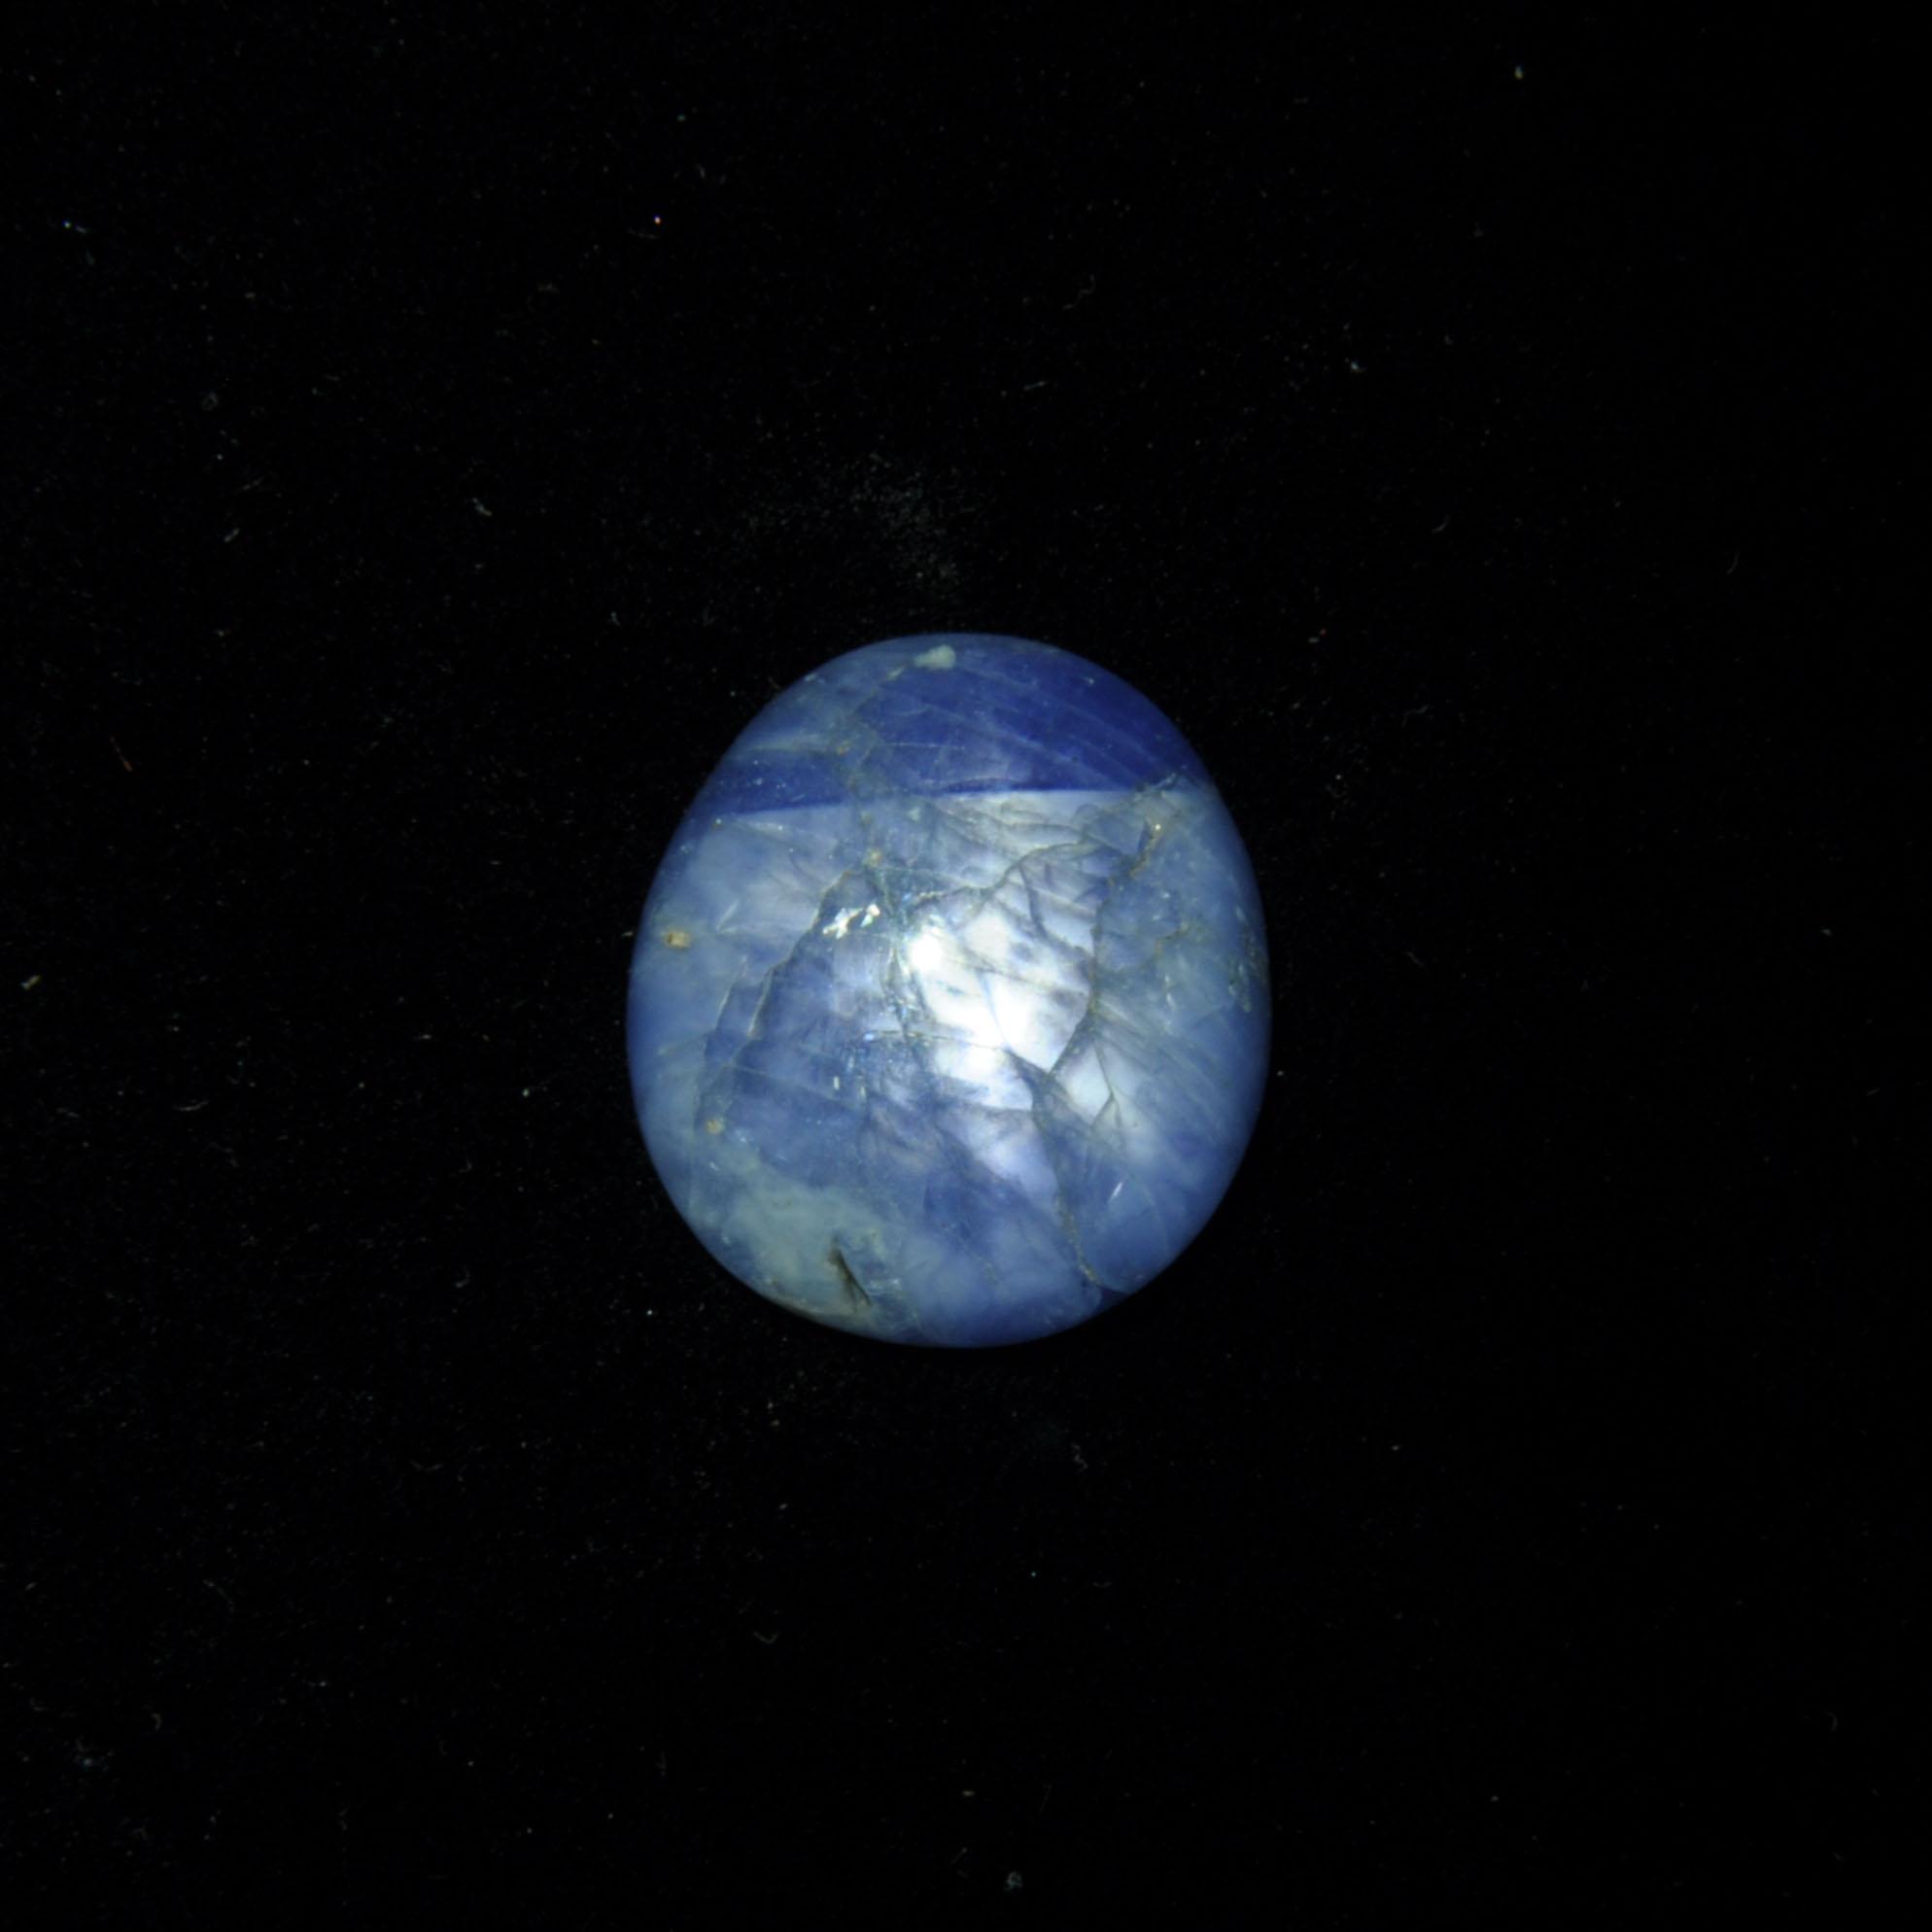 圖示-藍寶星石(Star Sapphire)